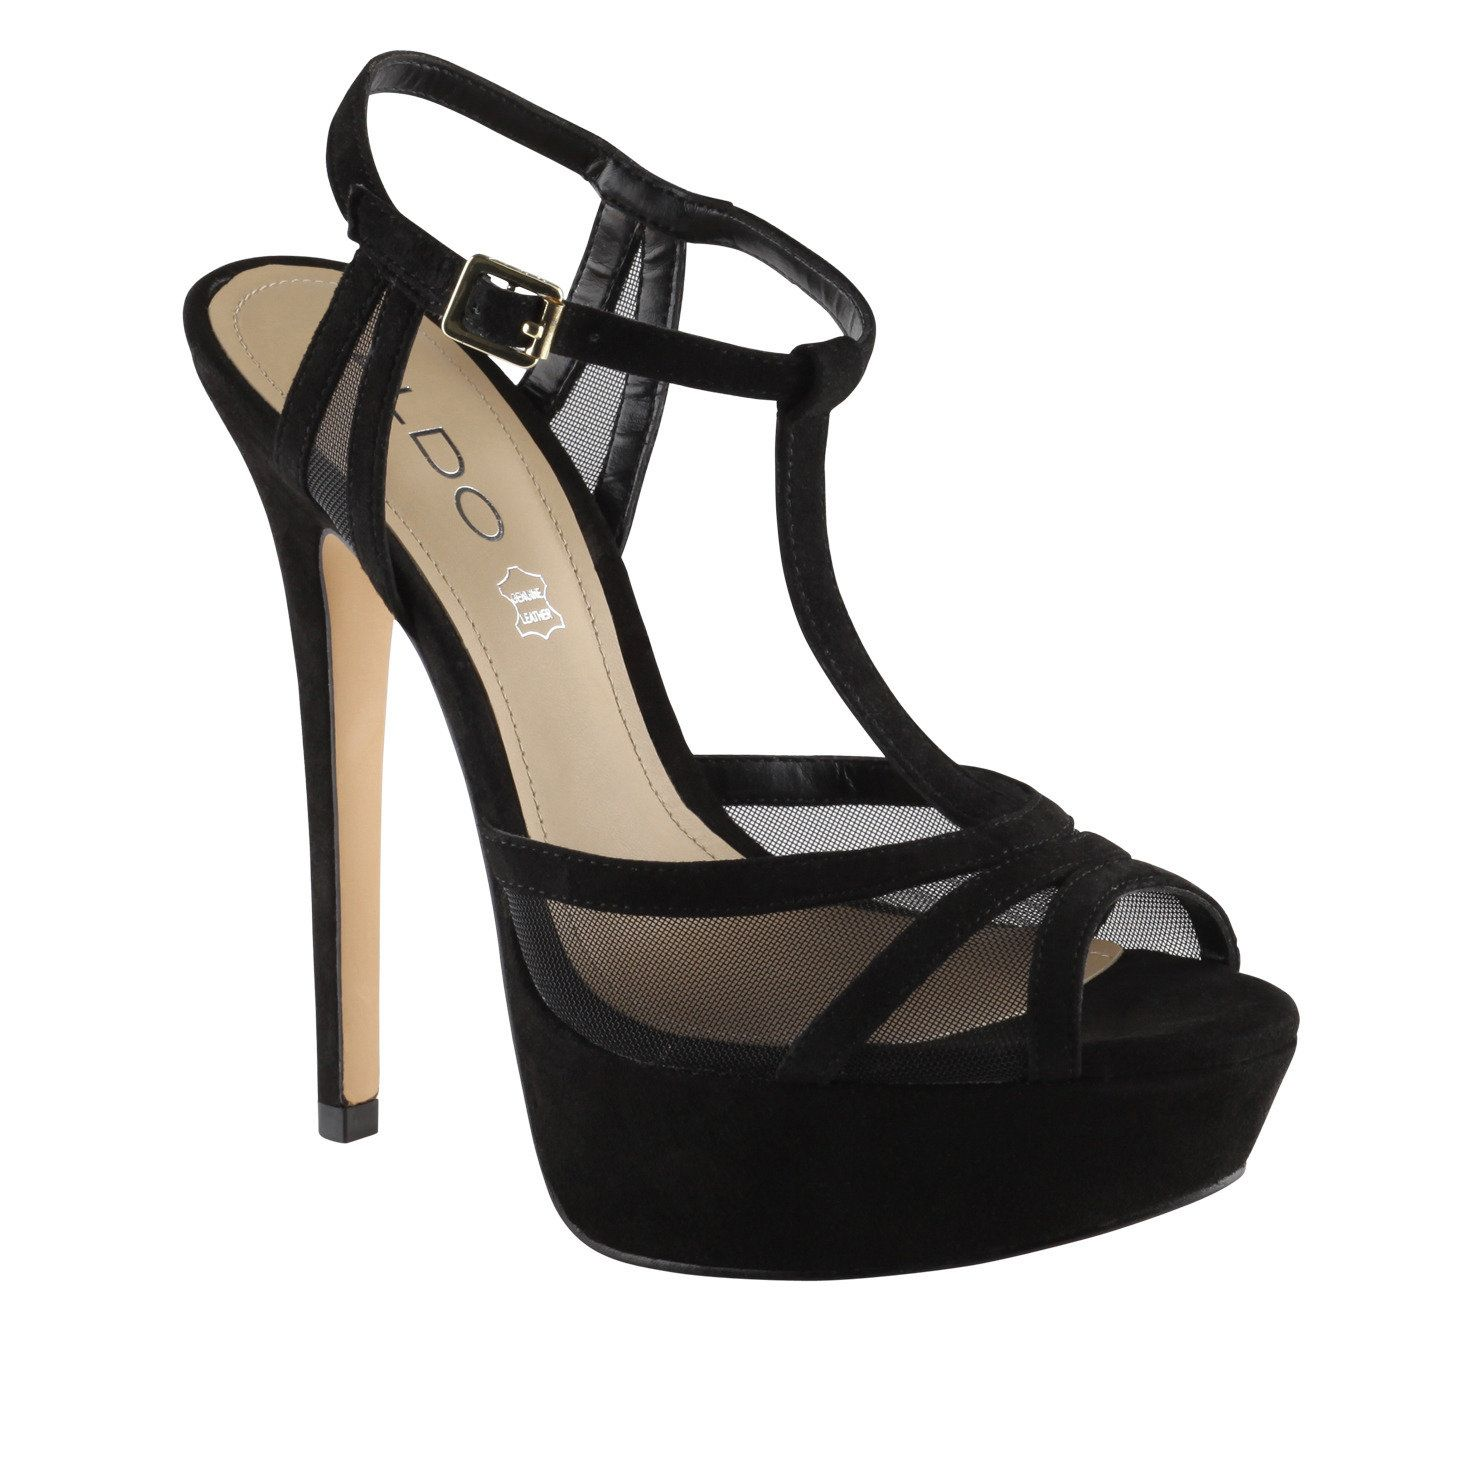 aldo shoes women 8 wroc news